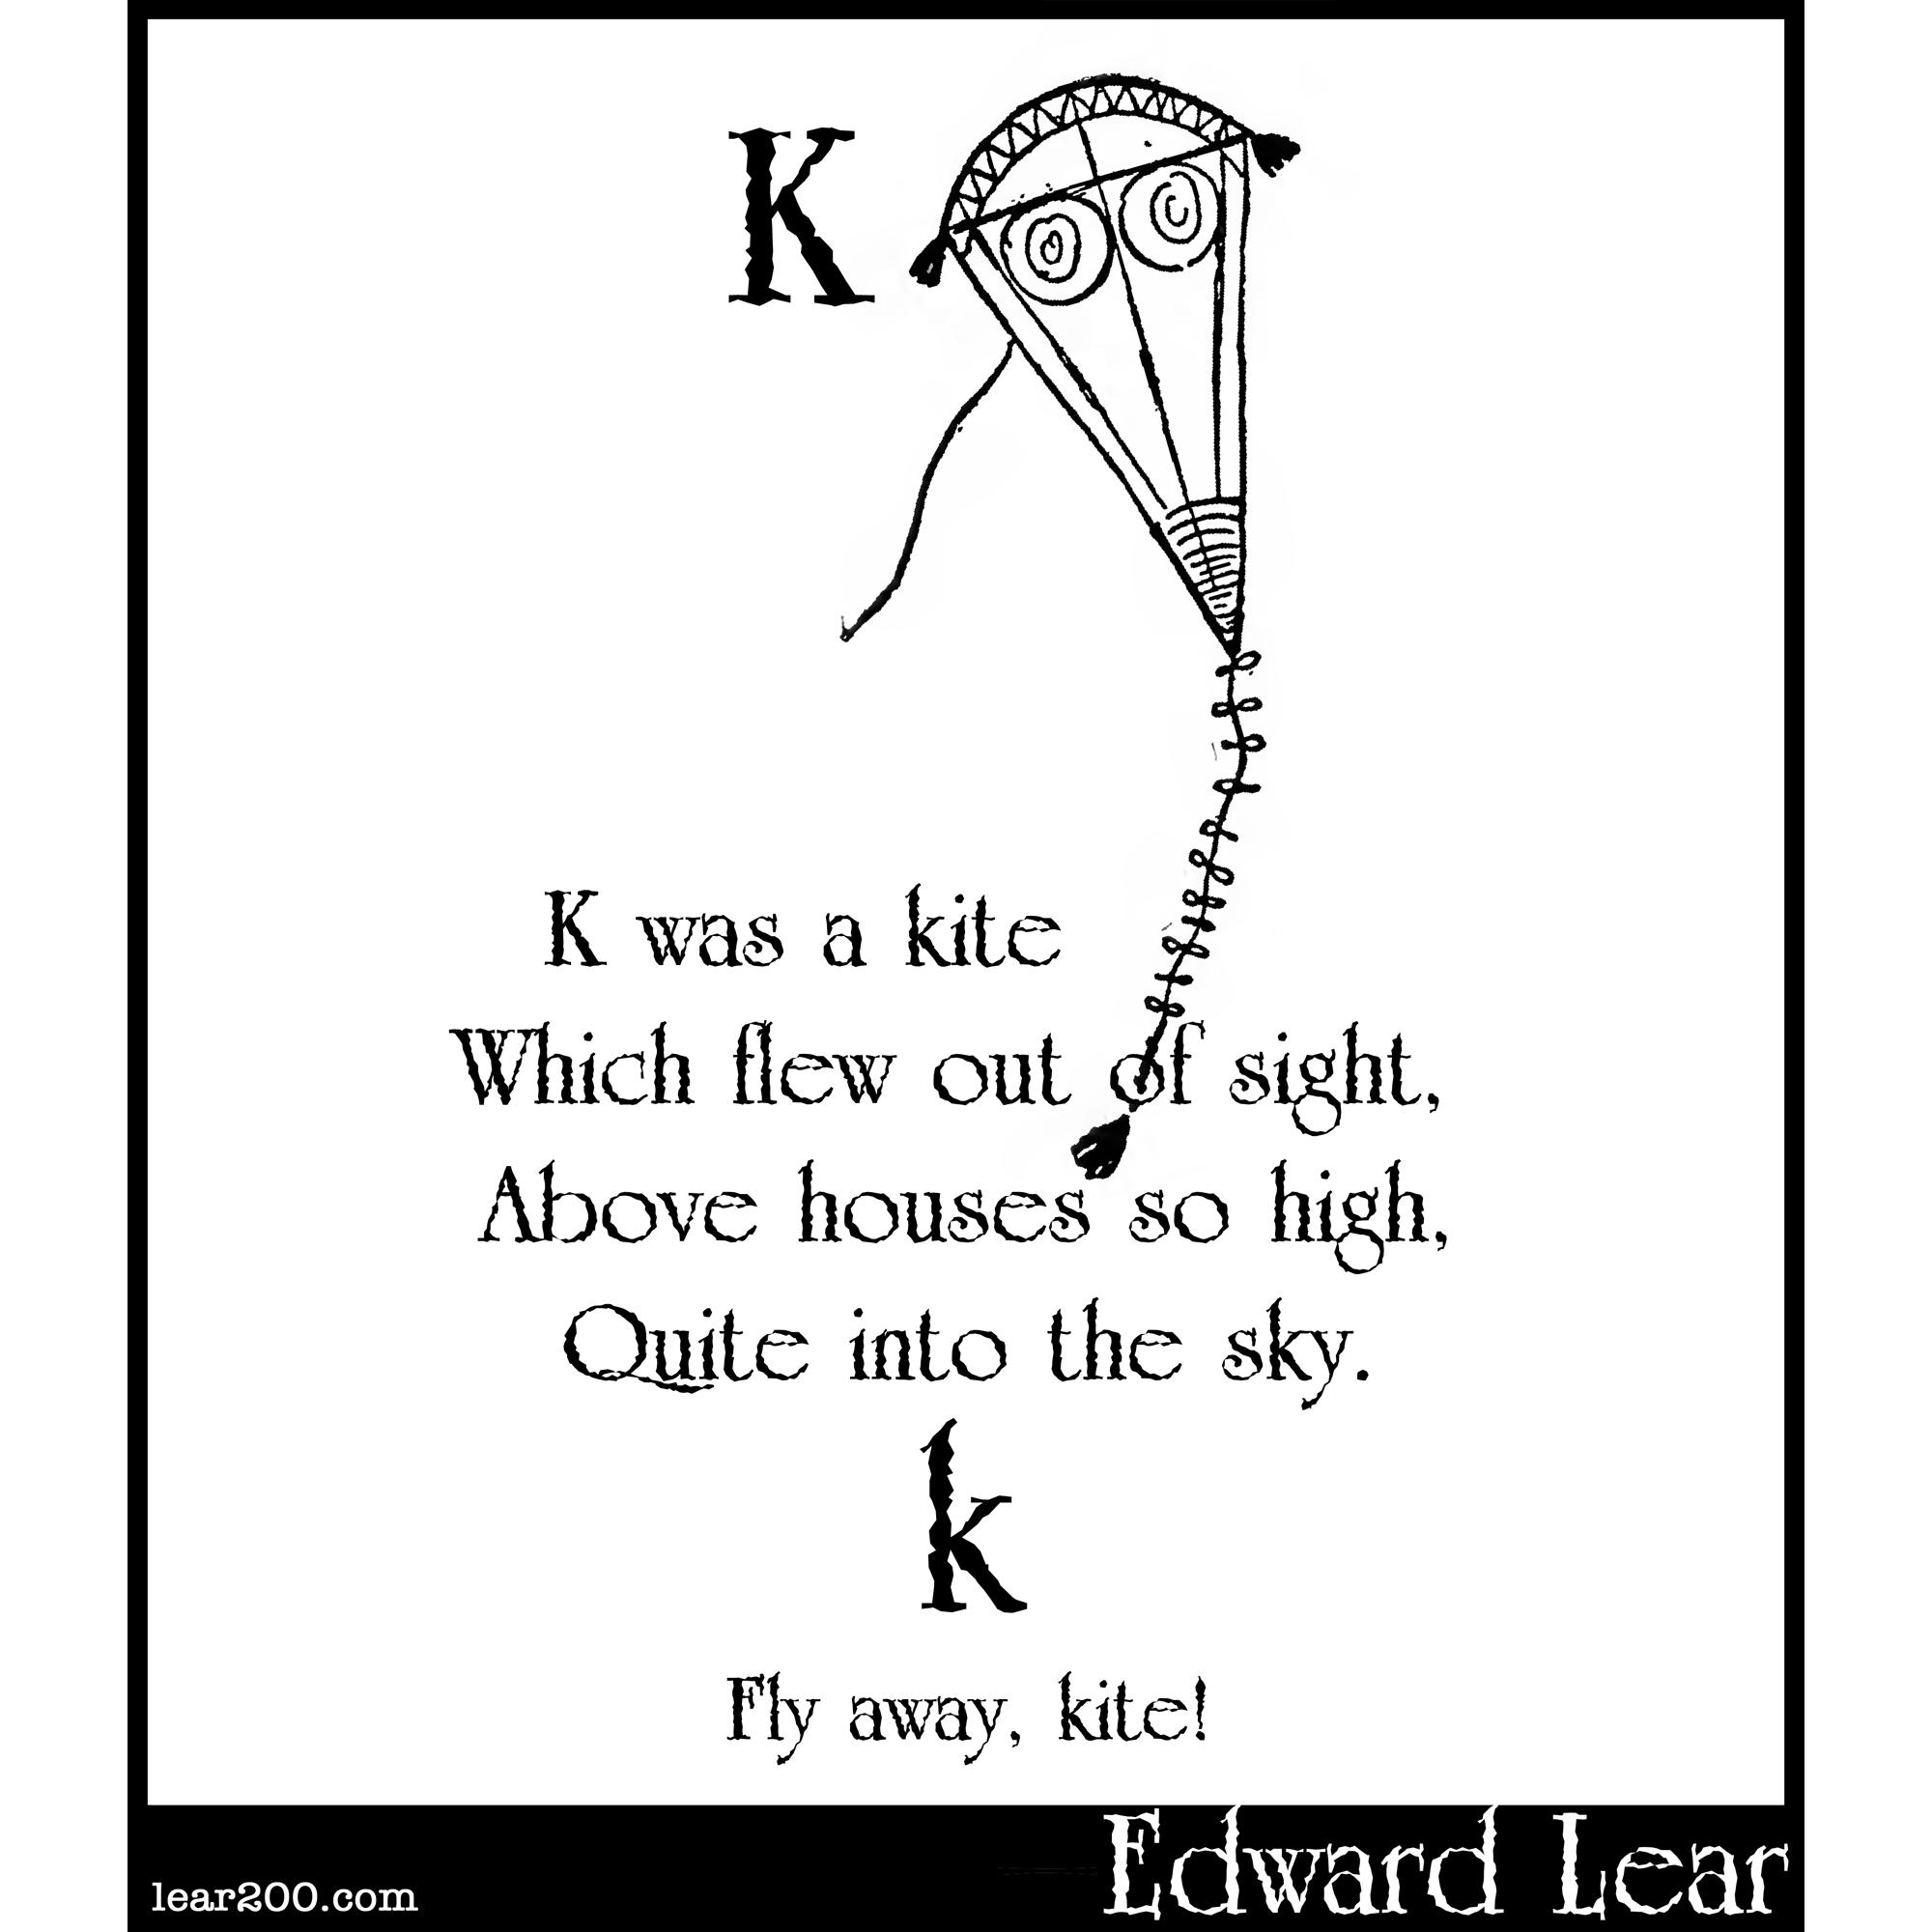 K was a kite